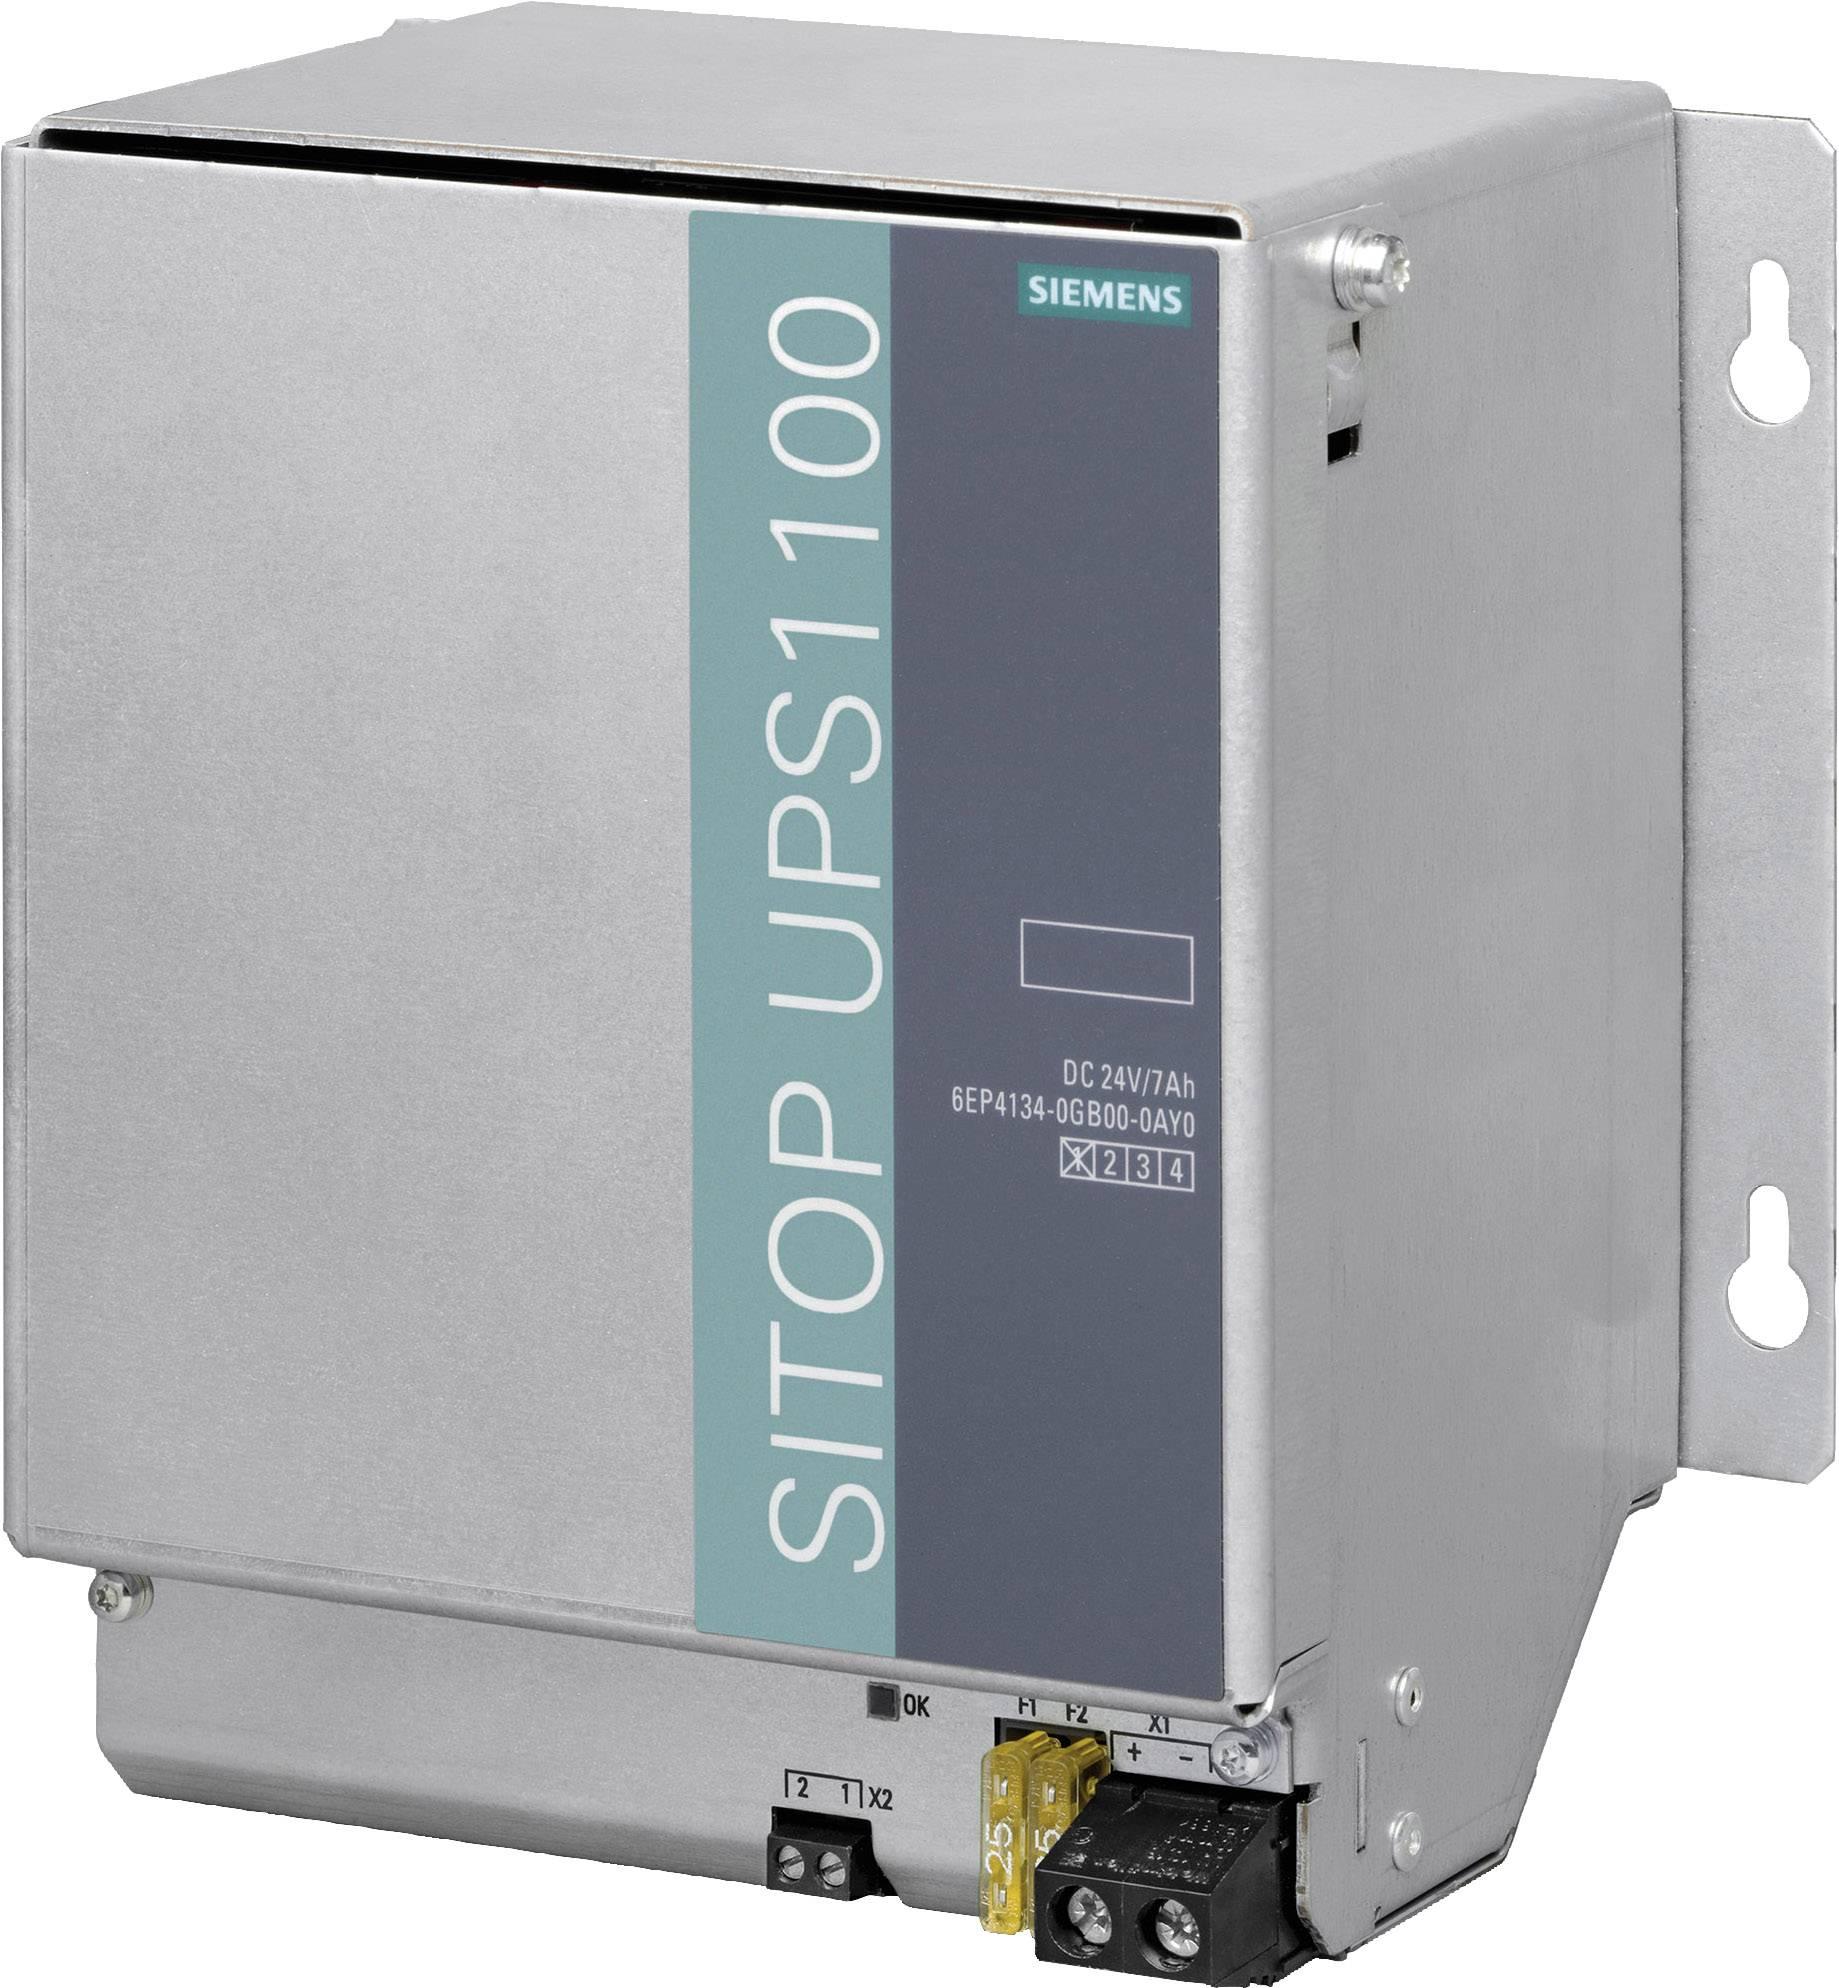 UPS modul Siemens SITOP UPS1100 6EP4134-0GB00-0AY0